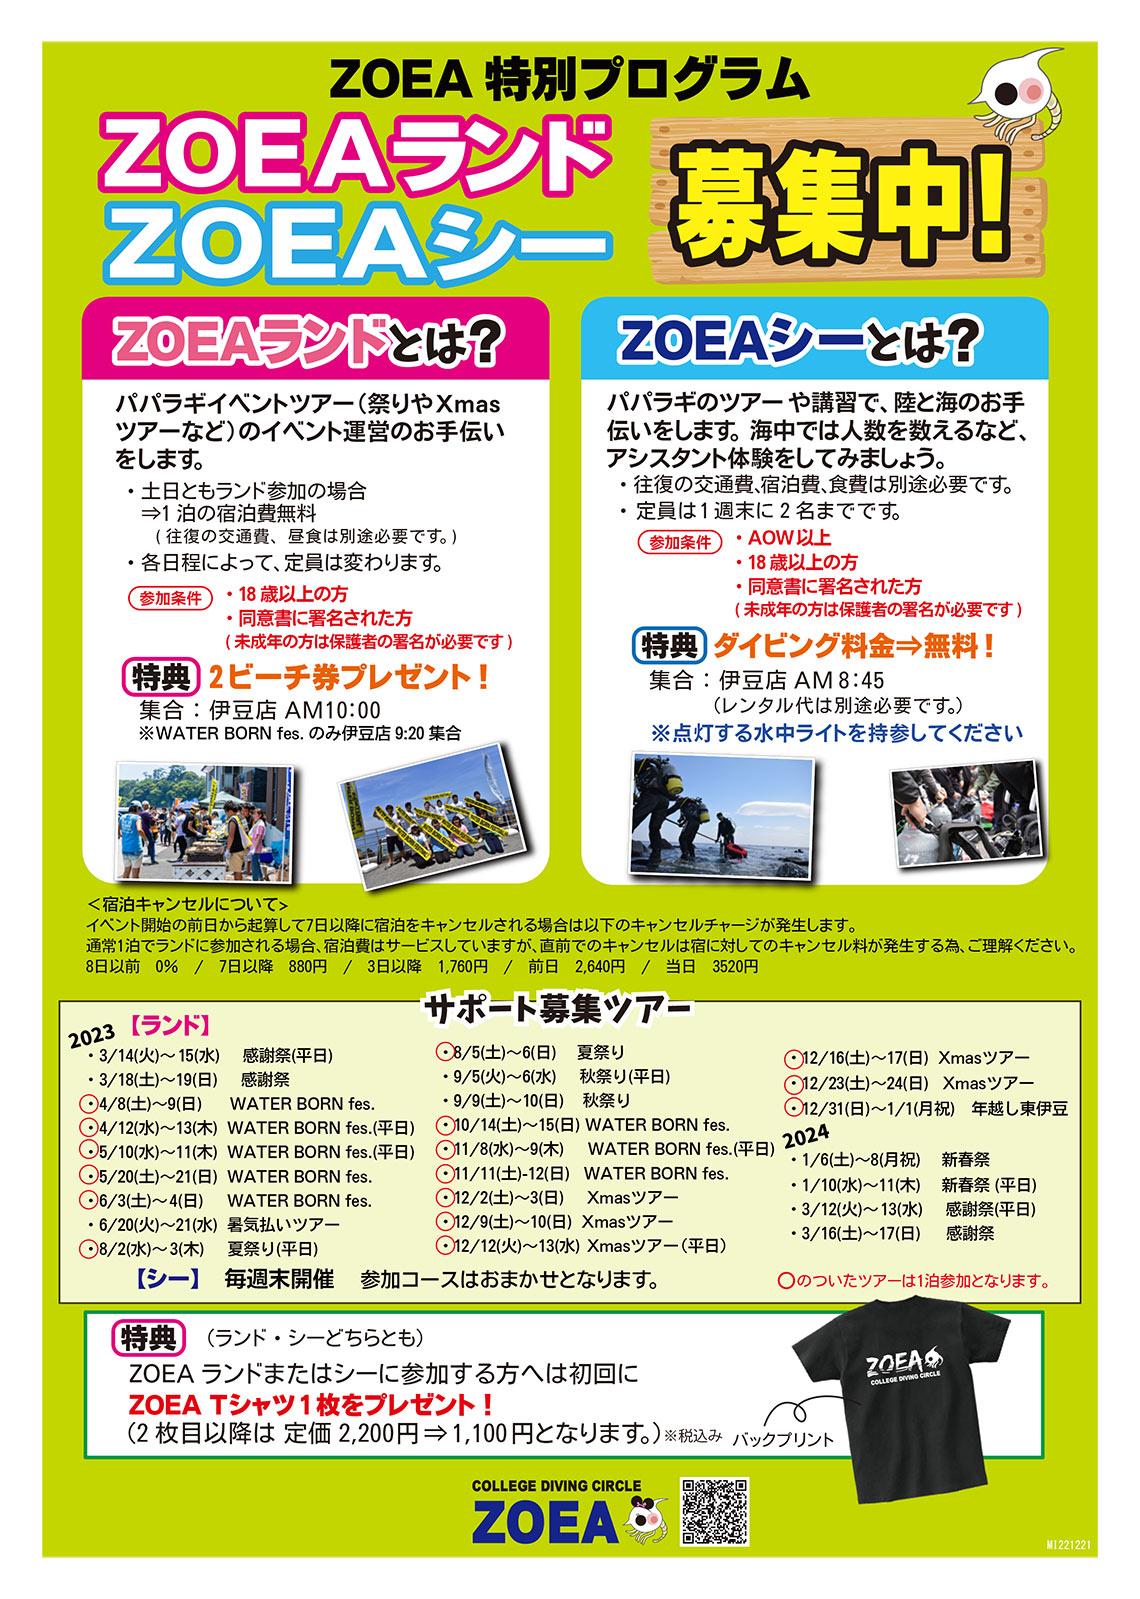 ZOEAサポート